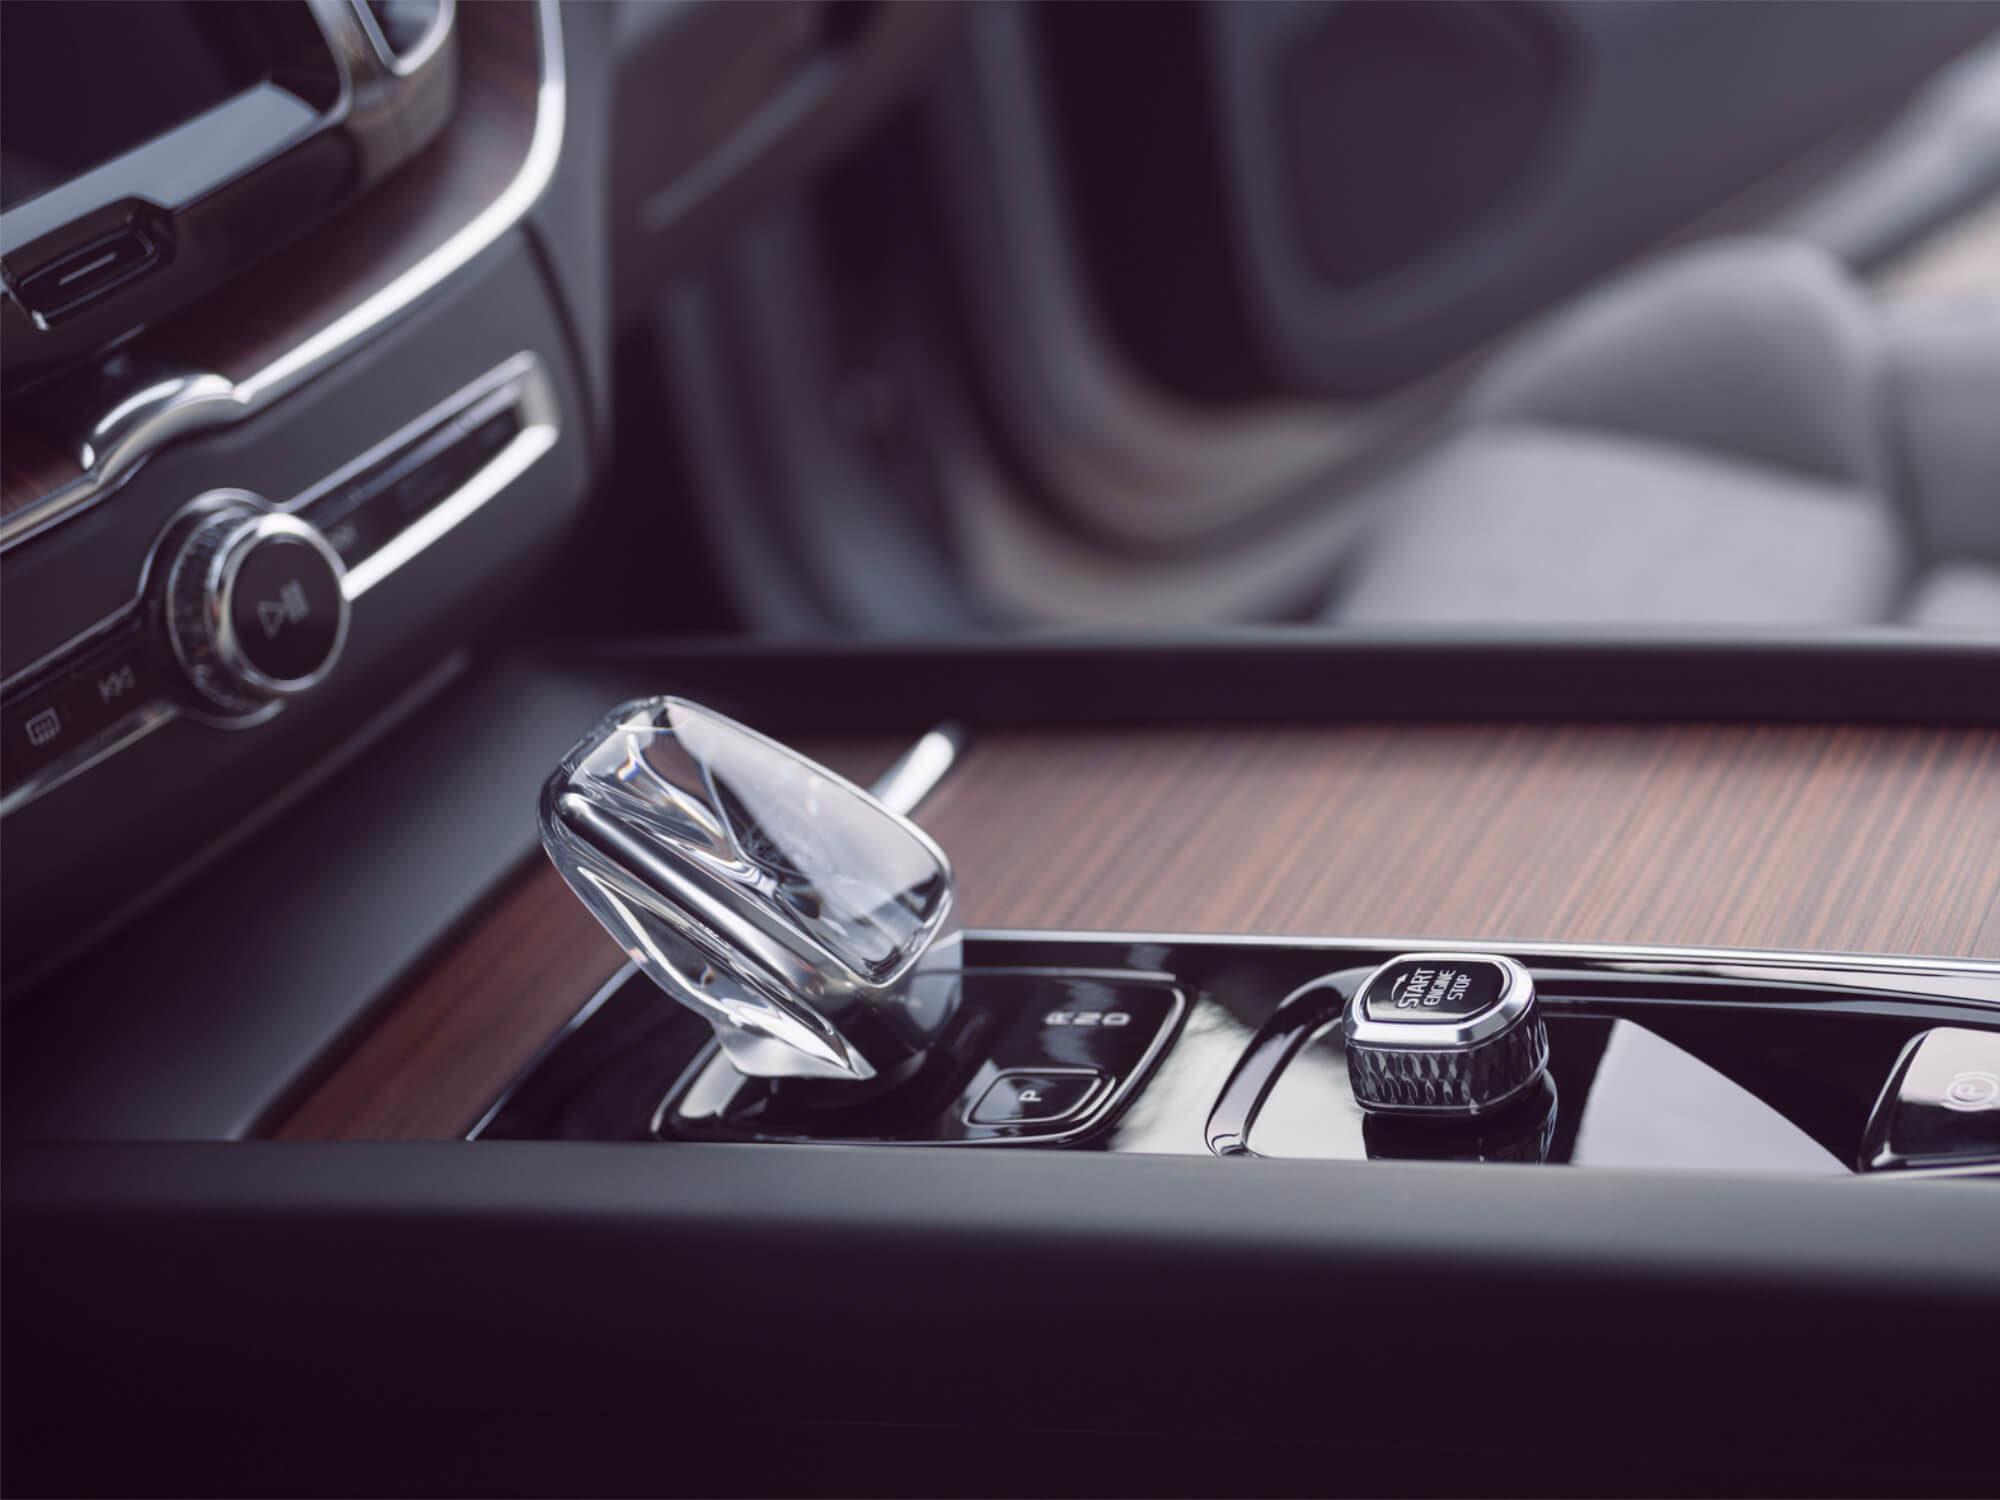 Volvo XC60 Plug-in Hybrid Orrefors pookknop